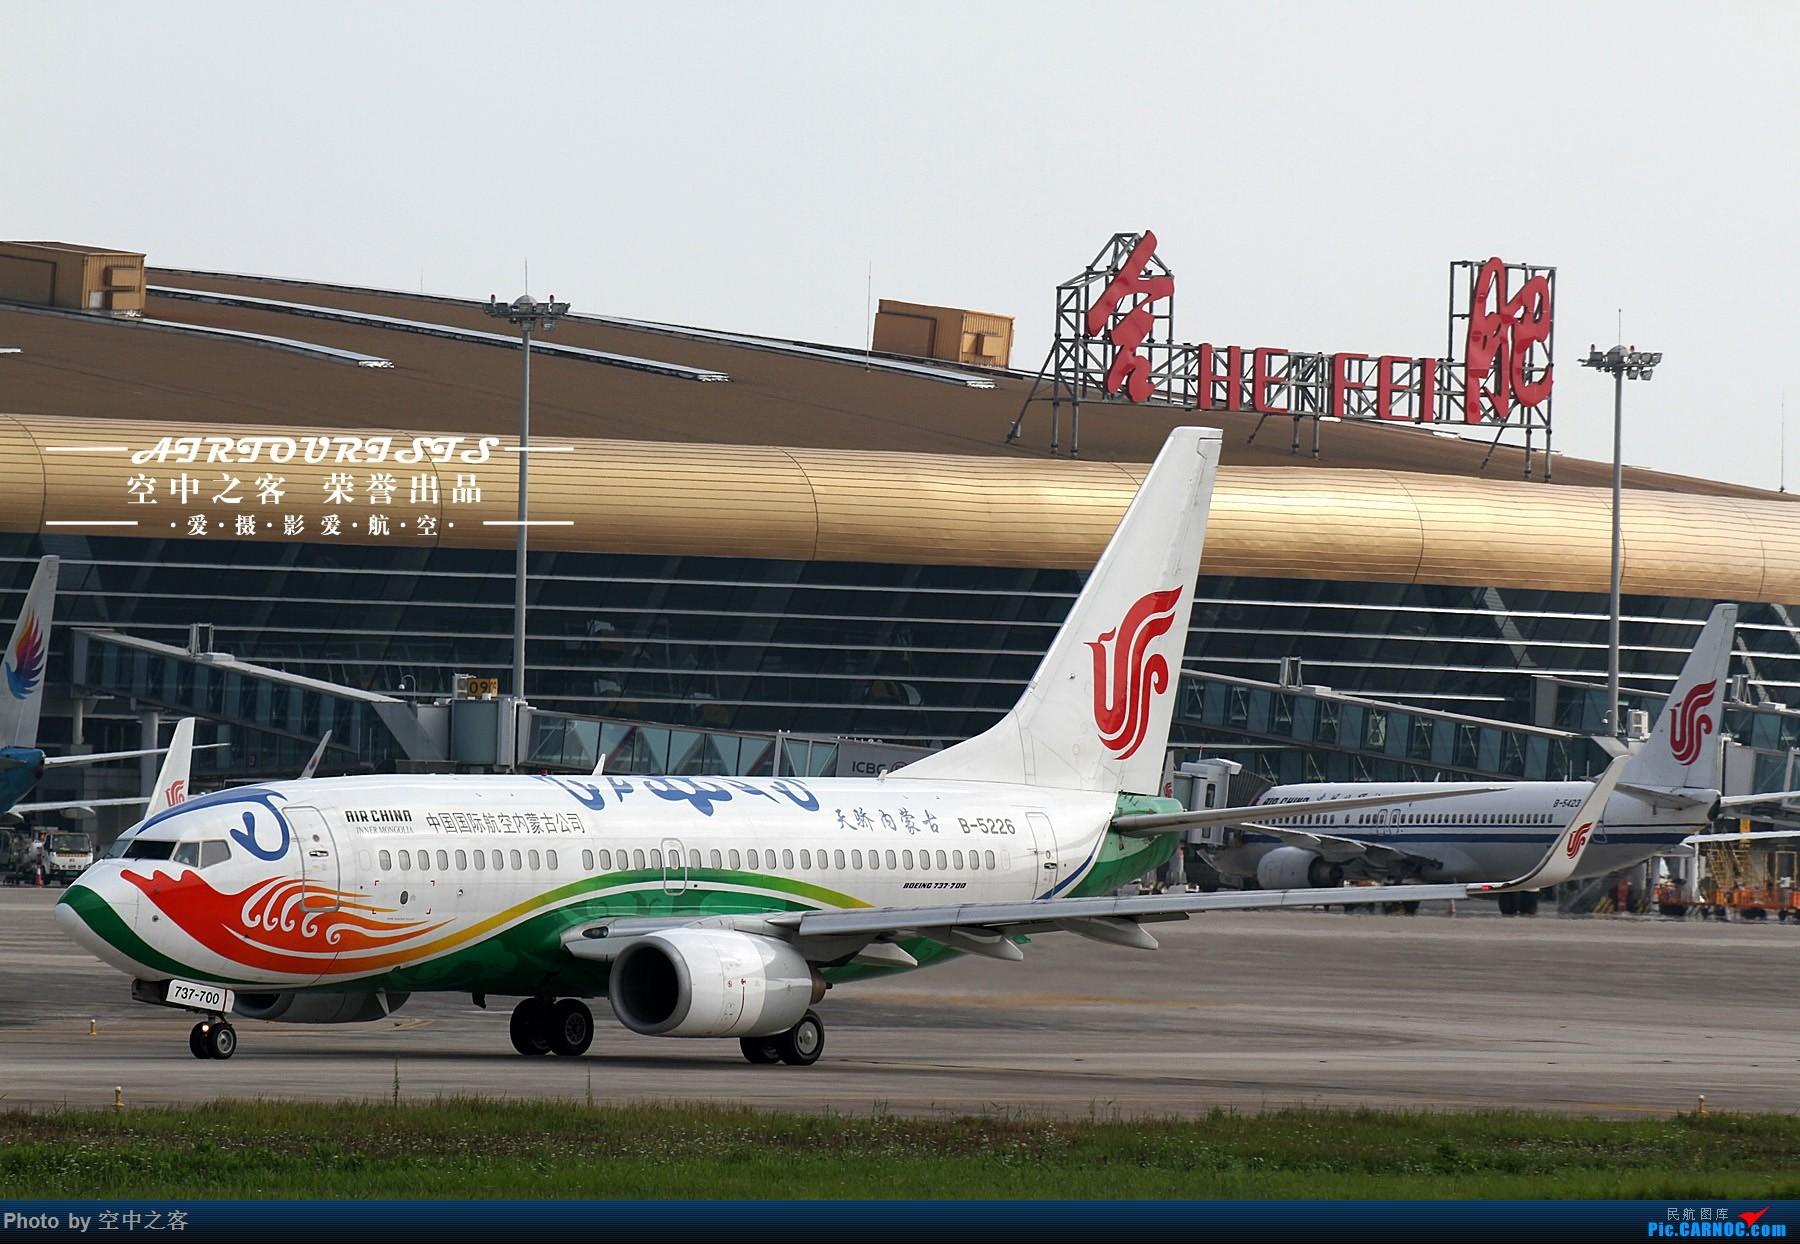 [原创][合肥飞友会·霸都打机队 空中之客出品]桥机场的新飞机和一如既往的电风扇(2) BOEING 737-700 B-5226 合肥新桥国际机场